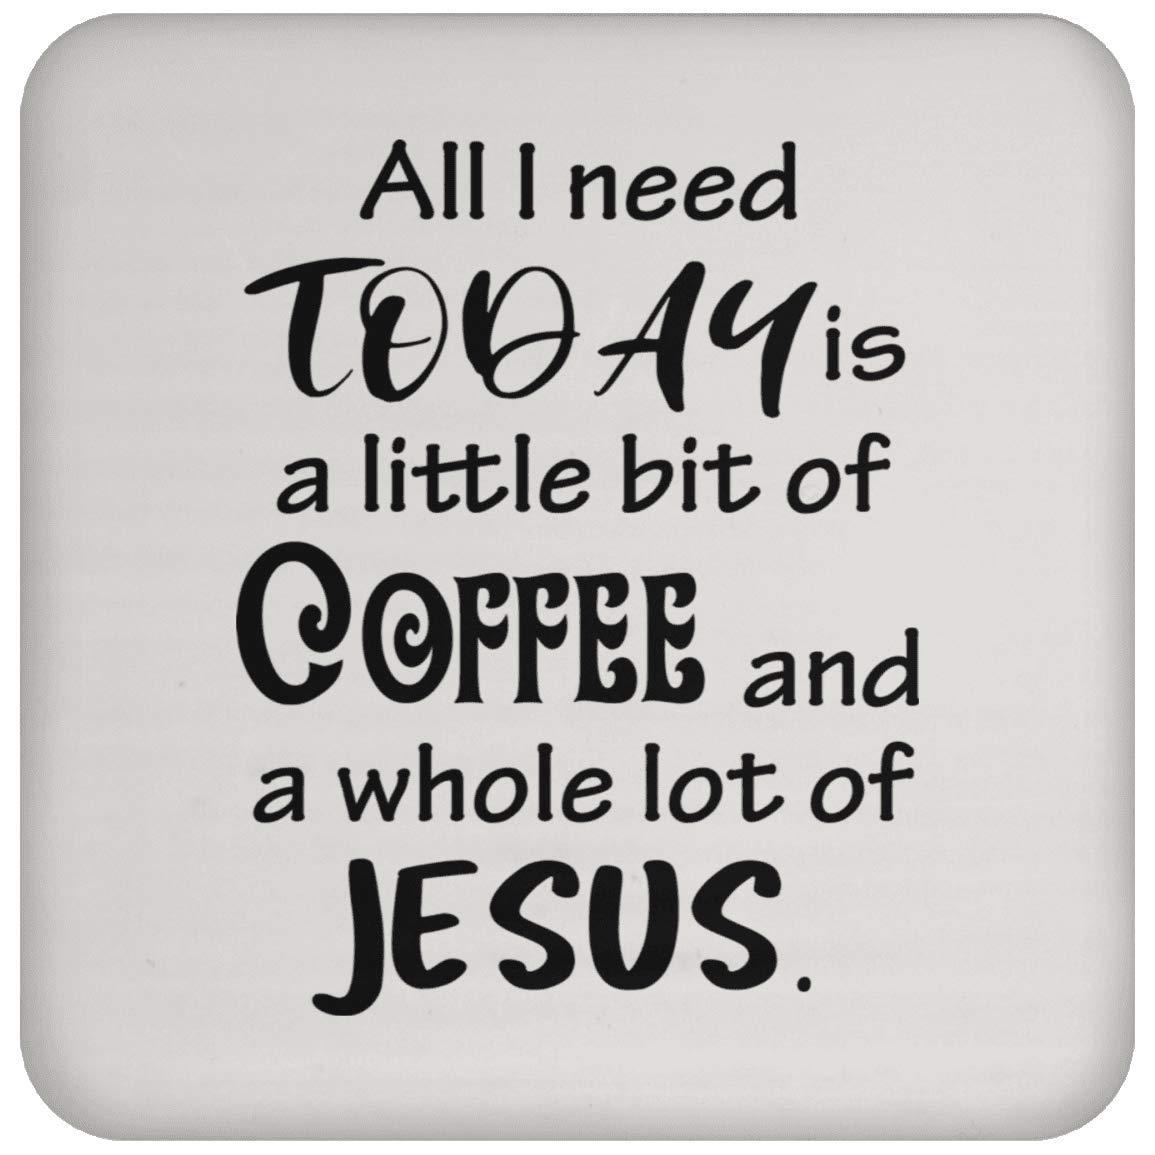 コーヒーとイエスコースター - コーヒーティードリンク - 面白いノベルティギフトアイデア 神の愛 キュート 宗教的 楽しい感謝   B07NGS4SX1